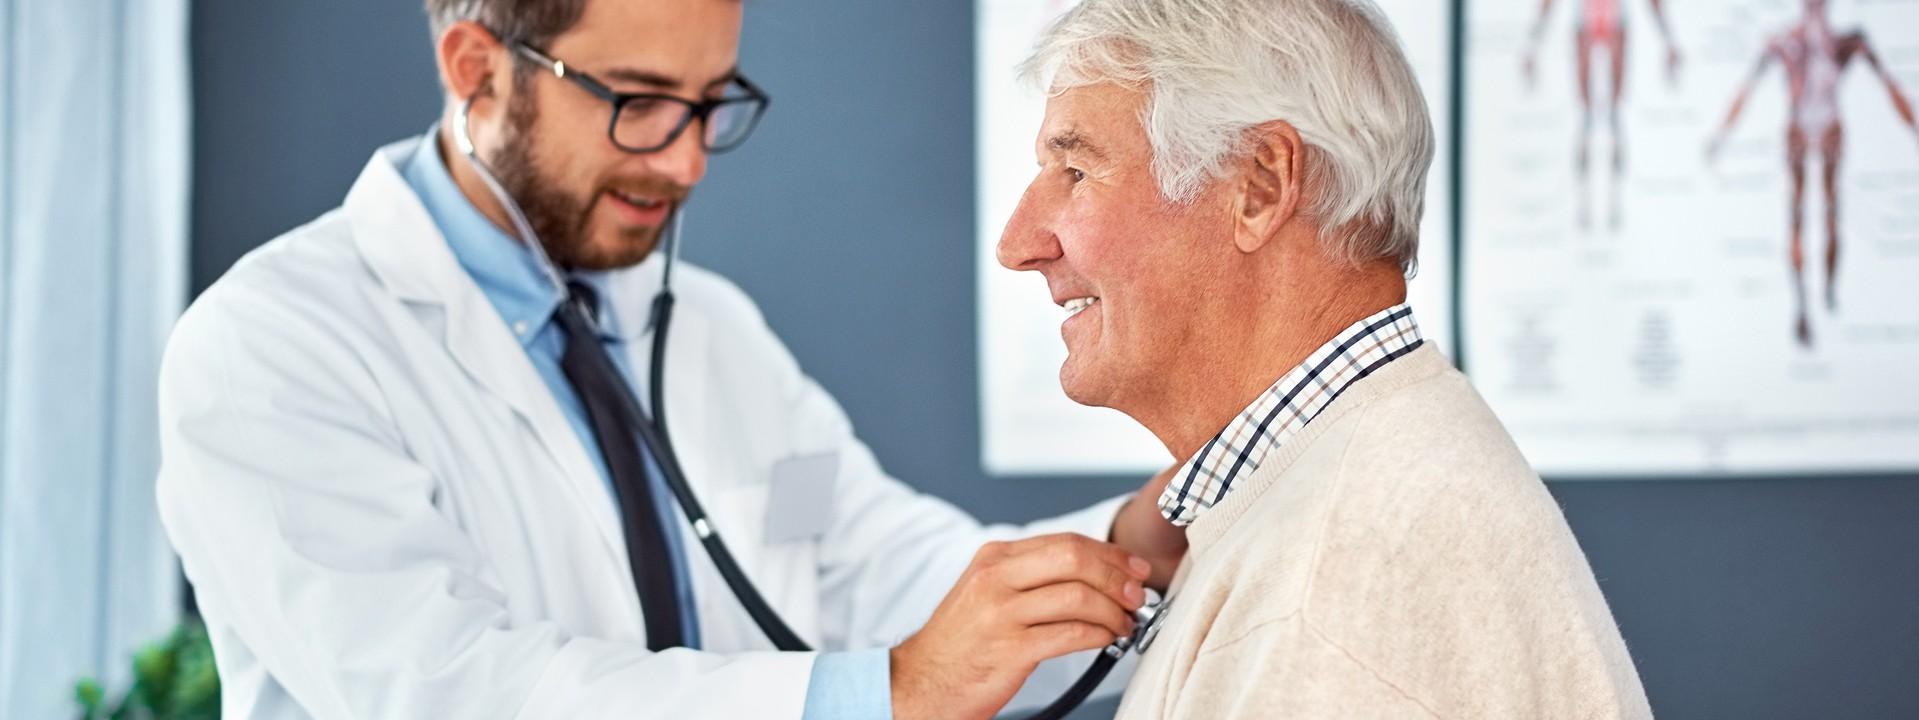 Ein etwas 35 jähriger Mann untersucht mit einem Stethoskop einen Senioren. Beide befinden sich in einem Behandlungsraum und lächeln.